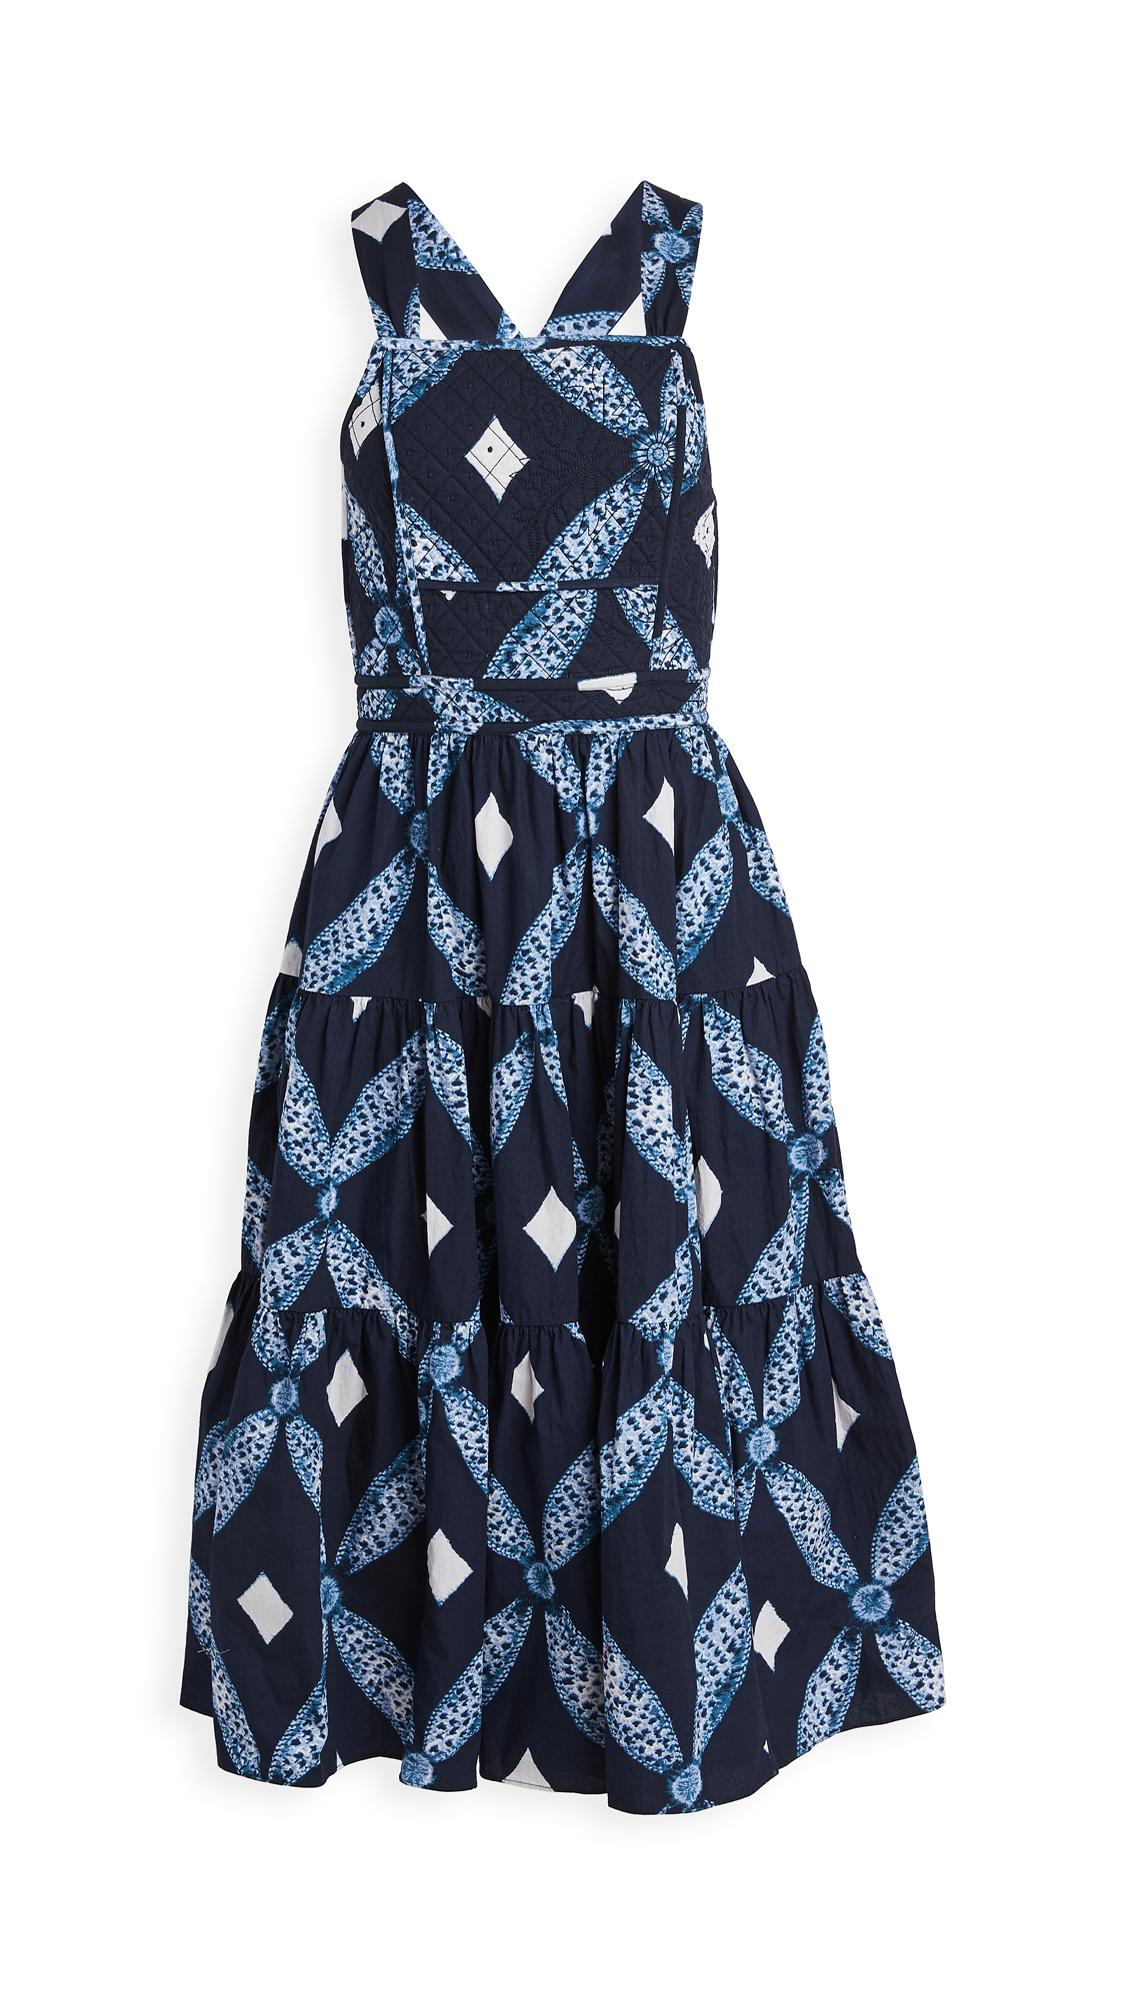 Ulla Johnson Jiya Dress - 30% Off Sale